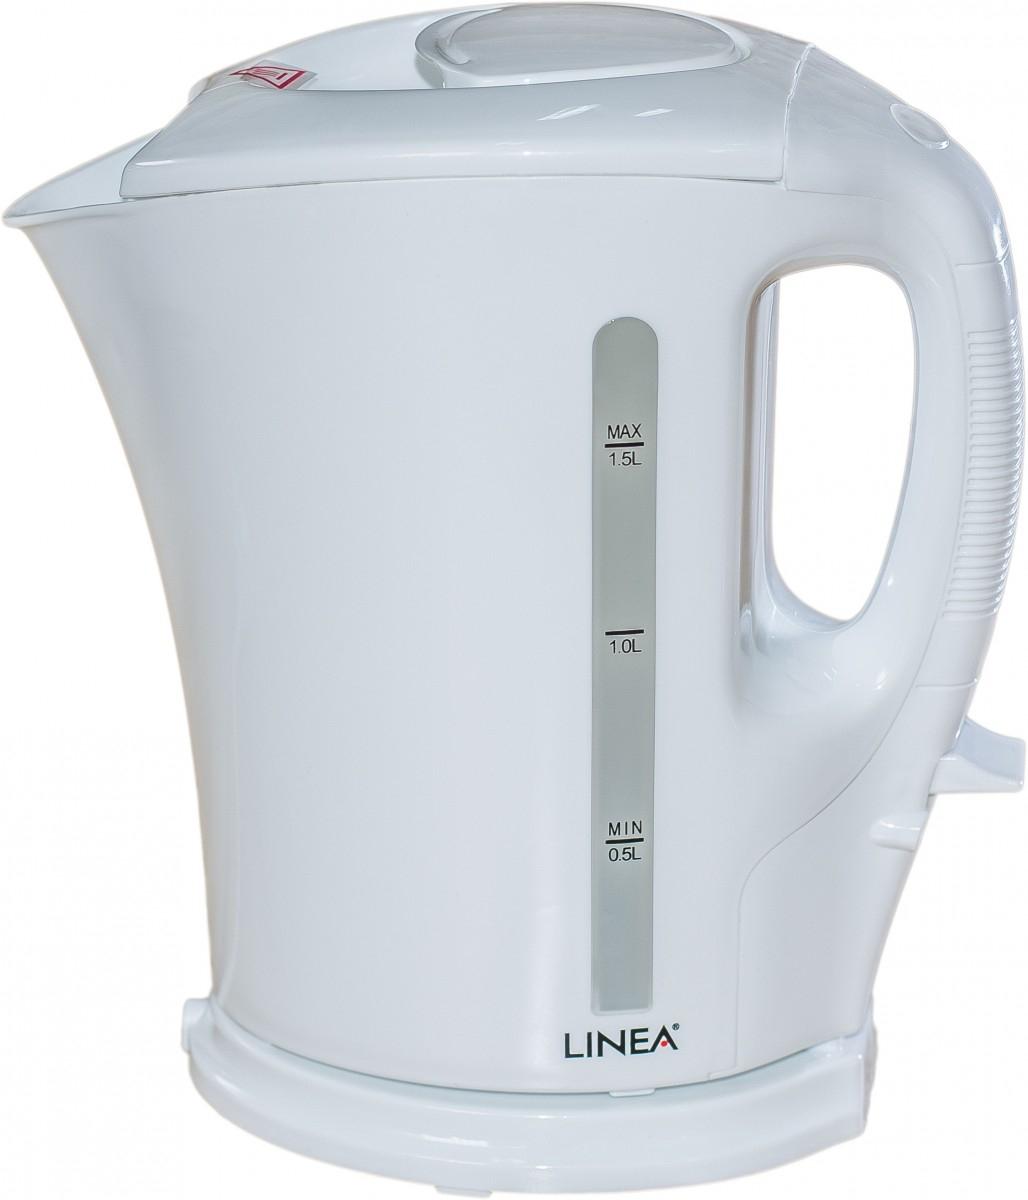 Linea Elektricni bokal za vodu LKE-0365 2200W 1.5L